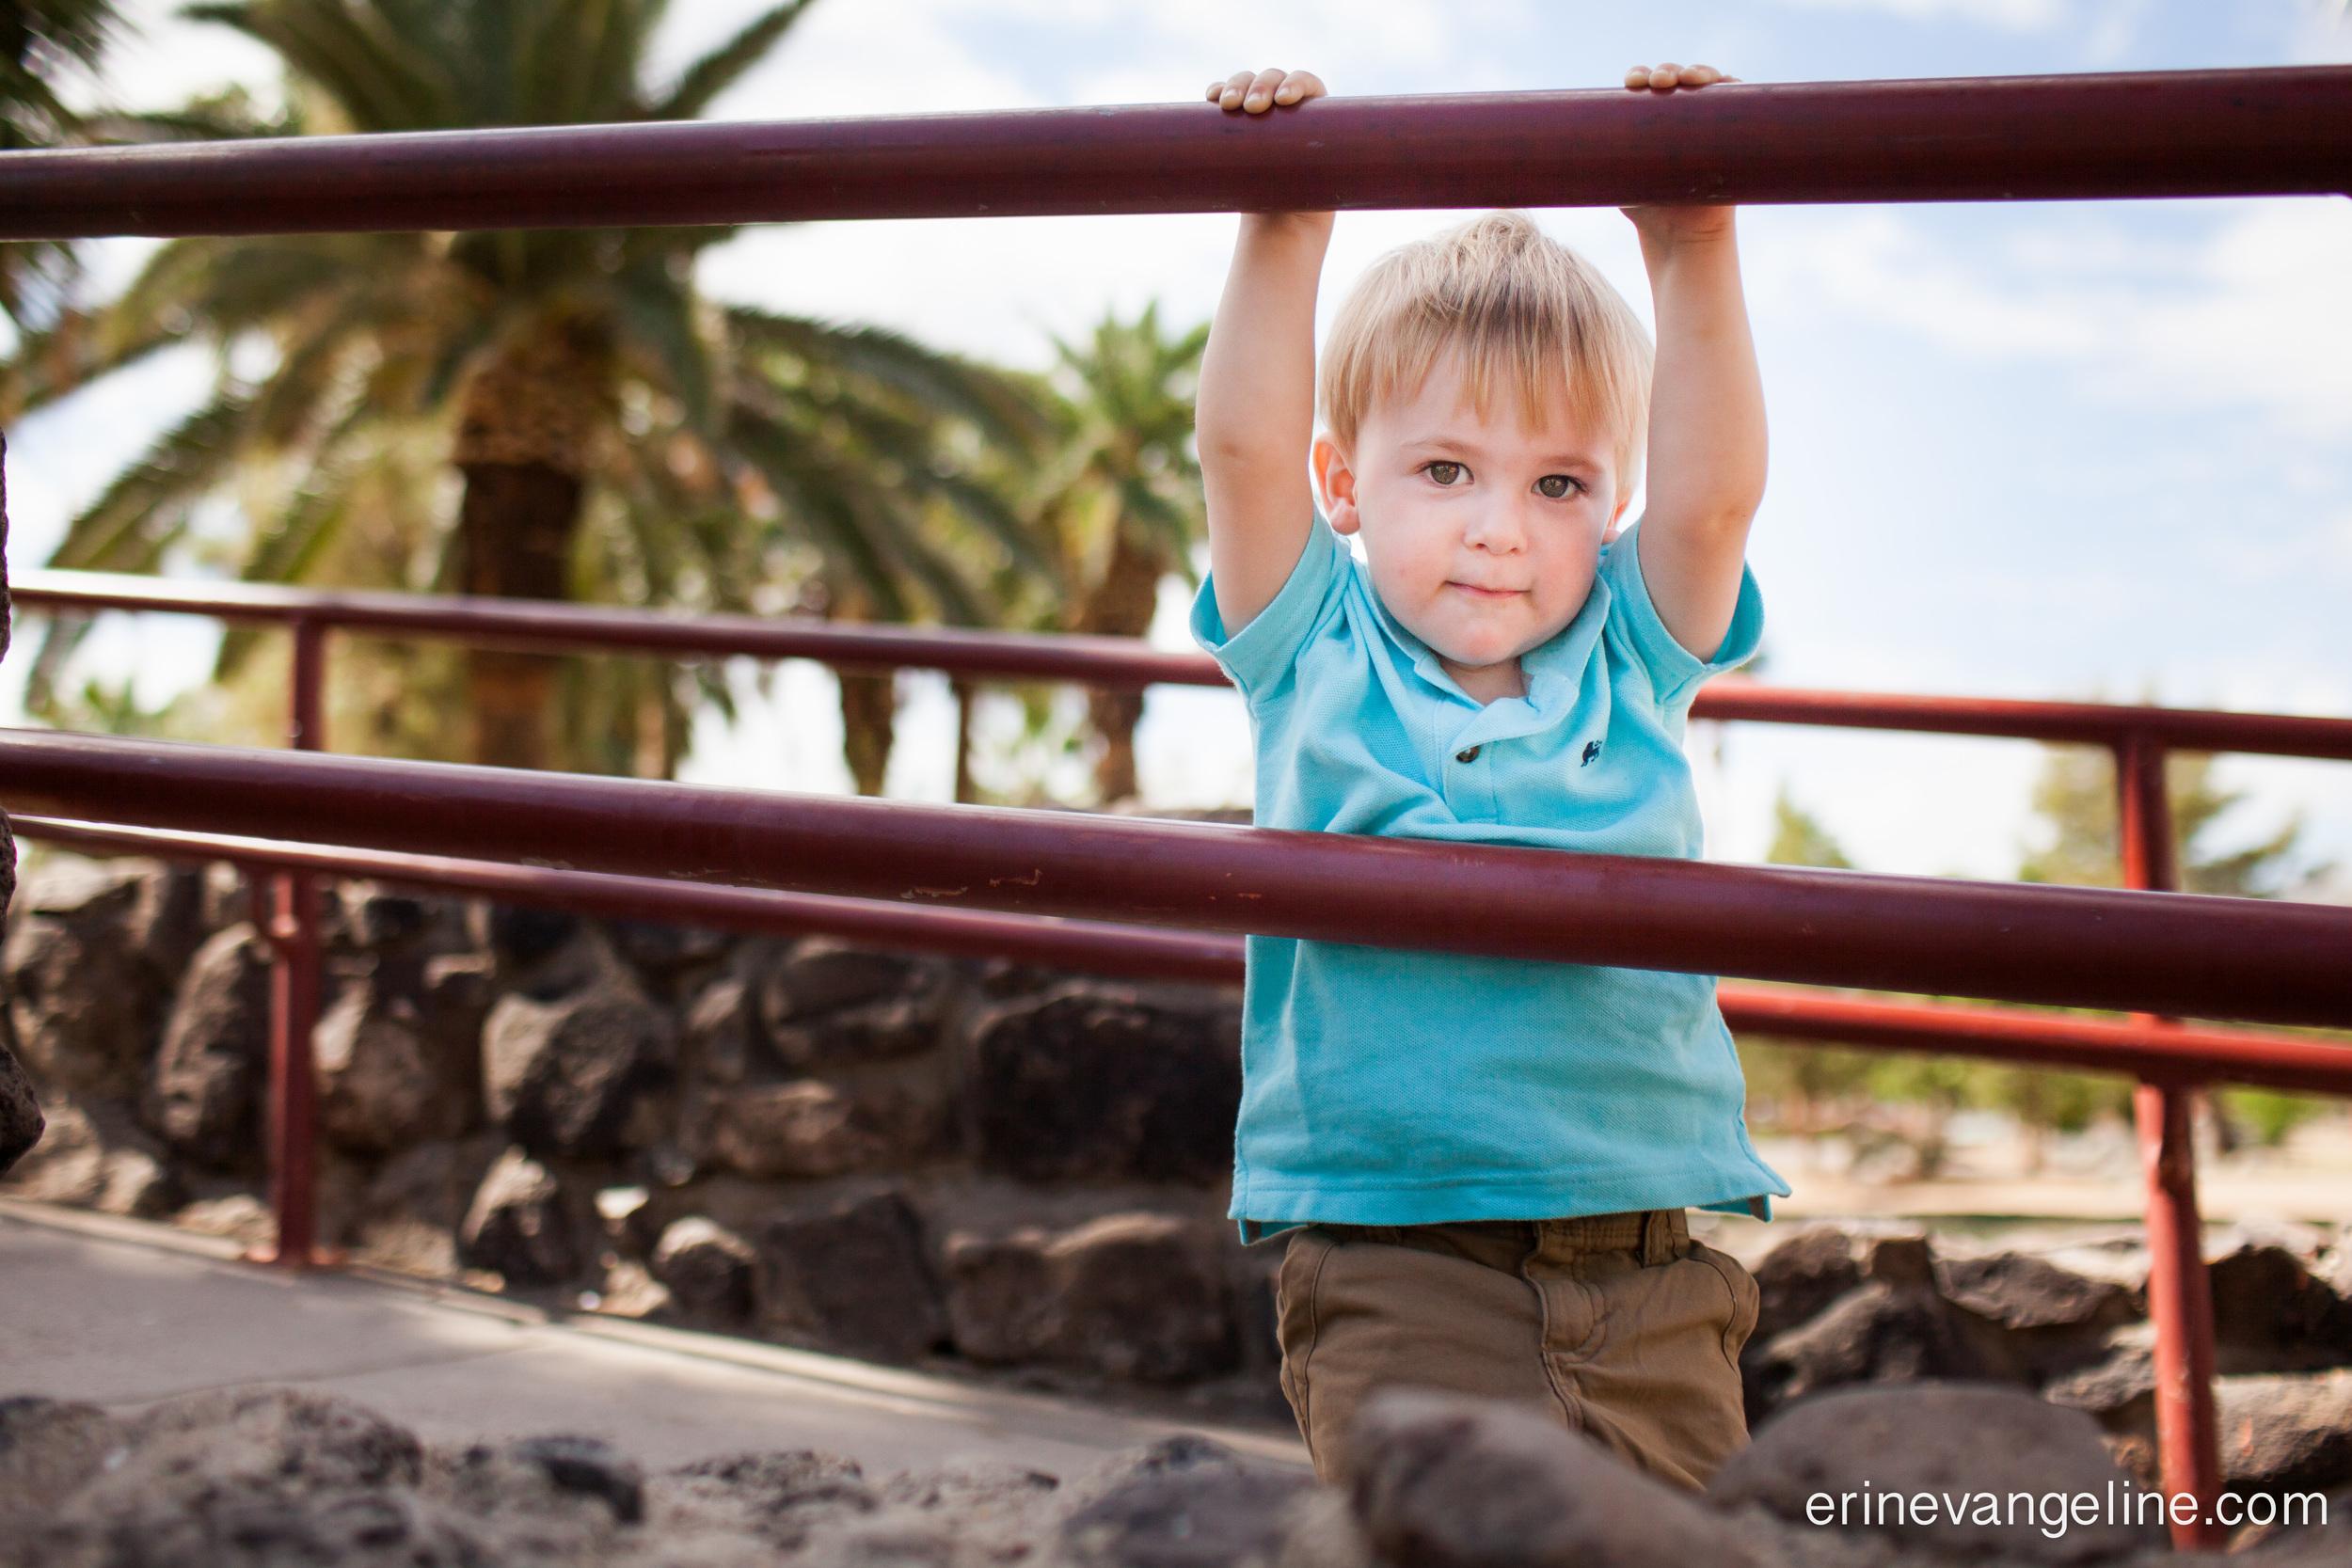 Child photo GQ Oliver